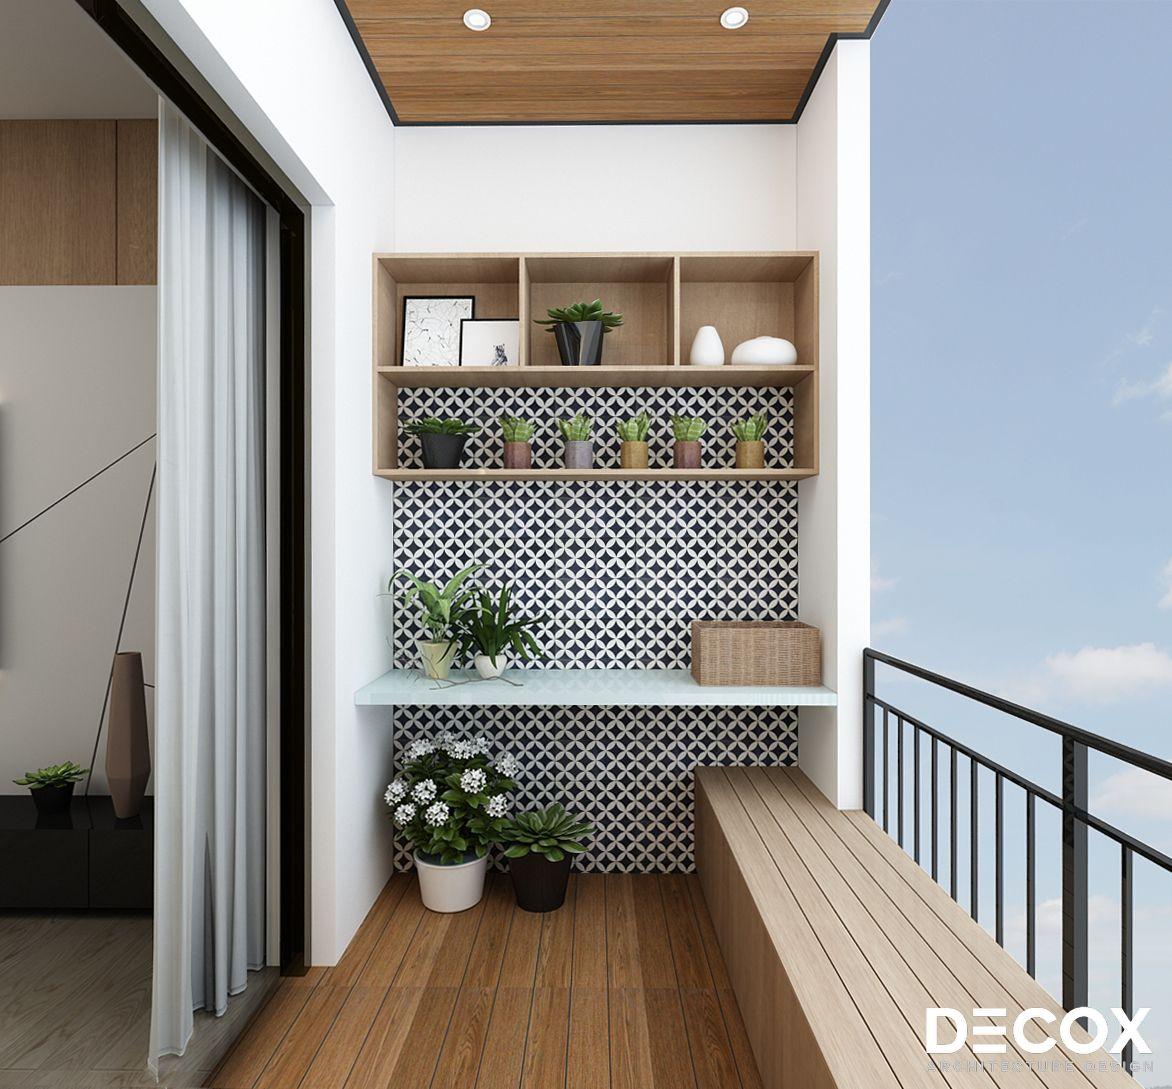 Thiết kế ban công căn hộ chung cư đẹp